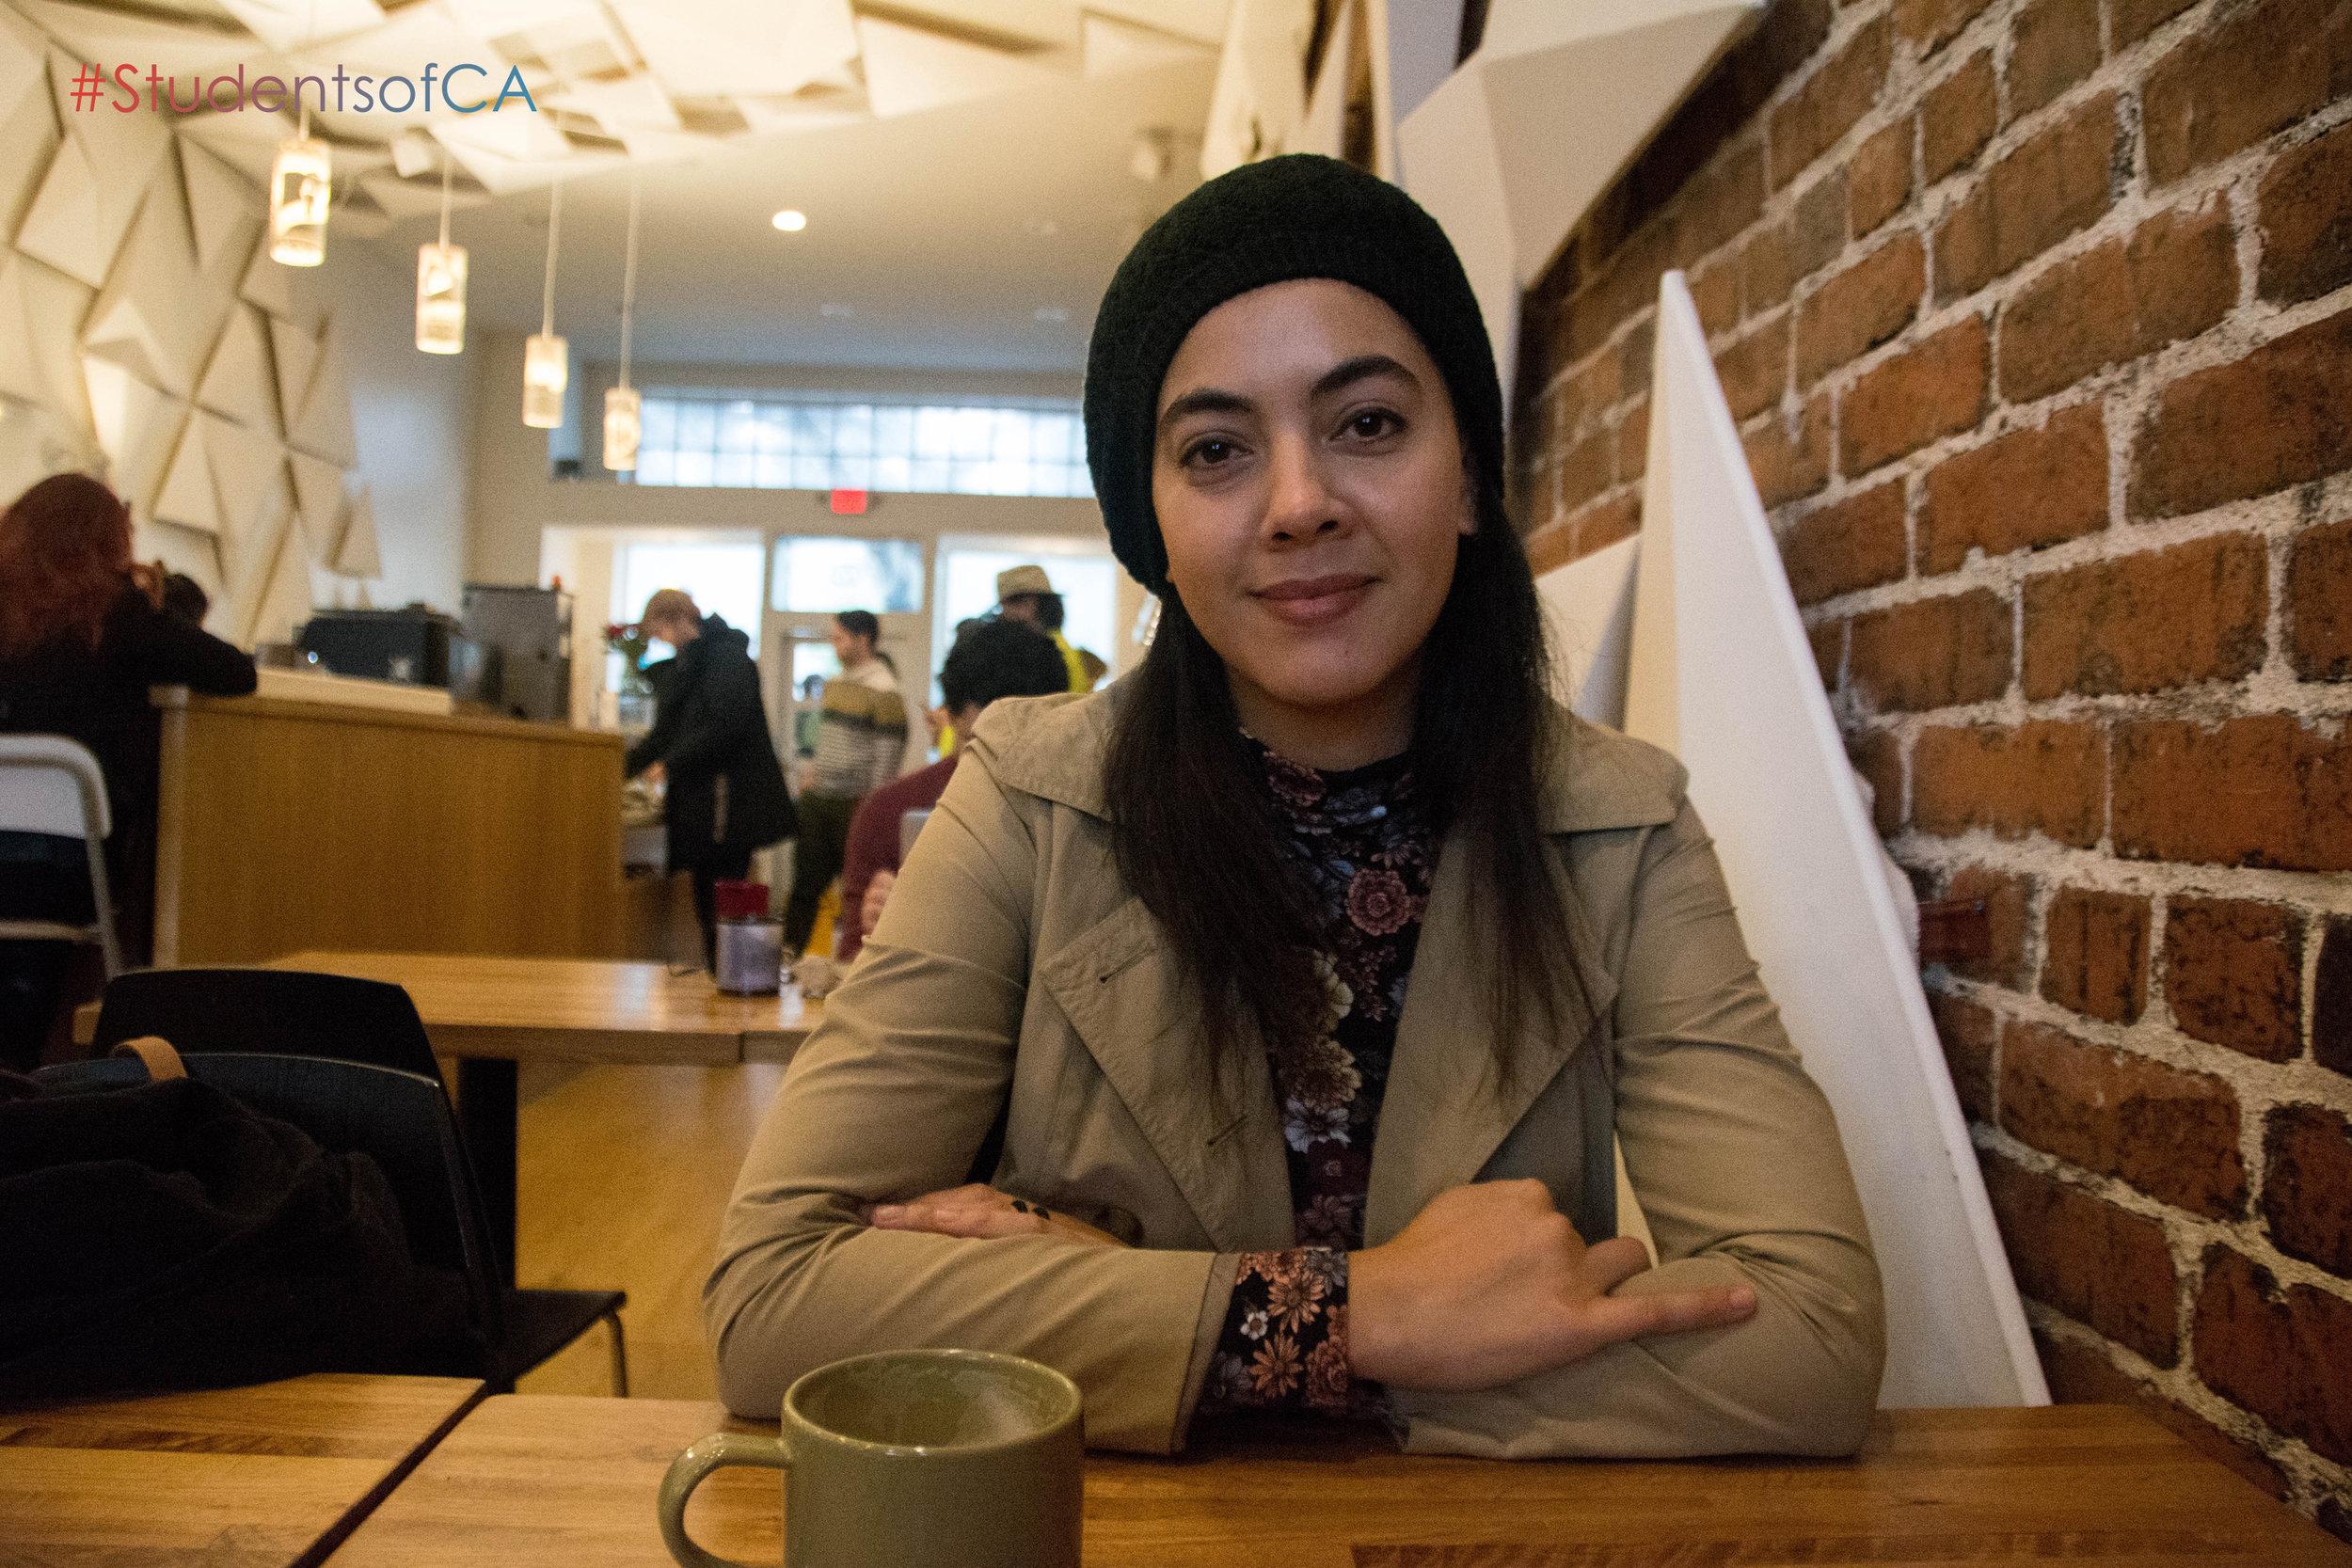 Elizabeth Mercado